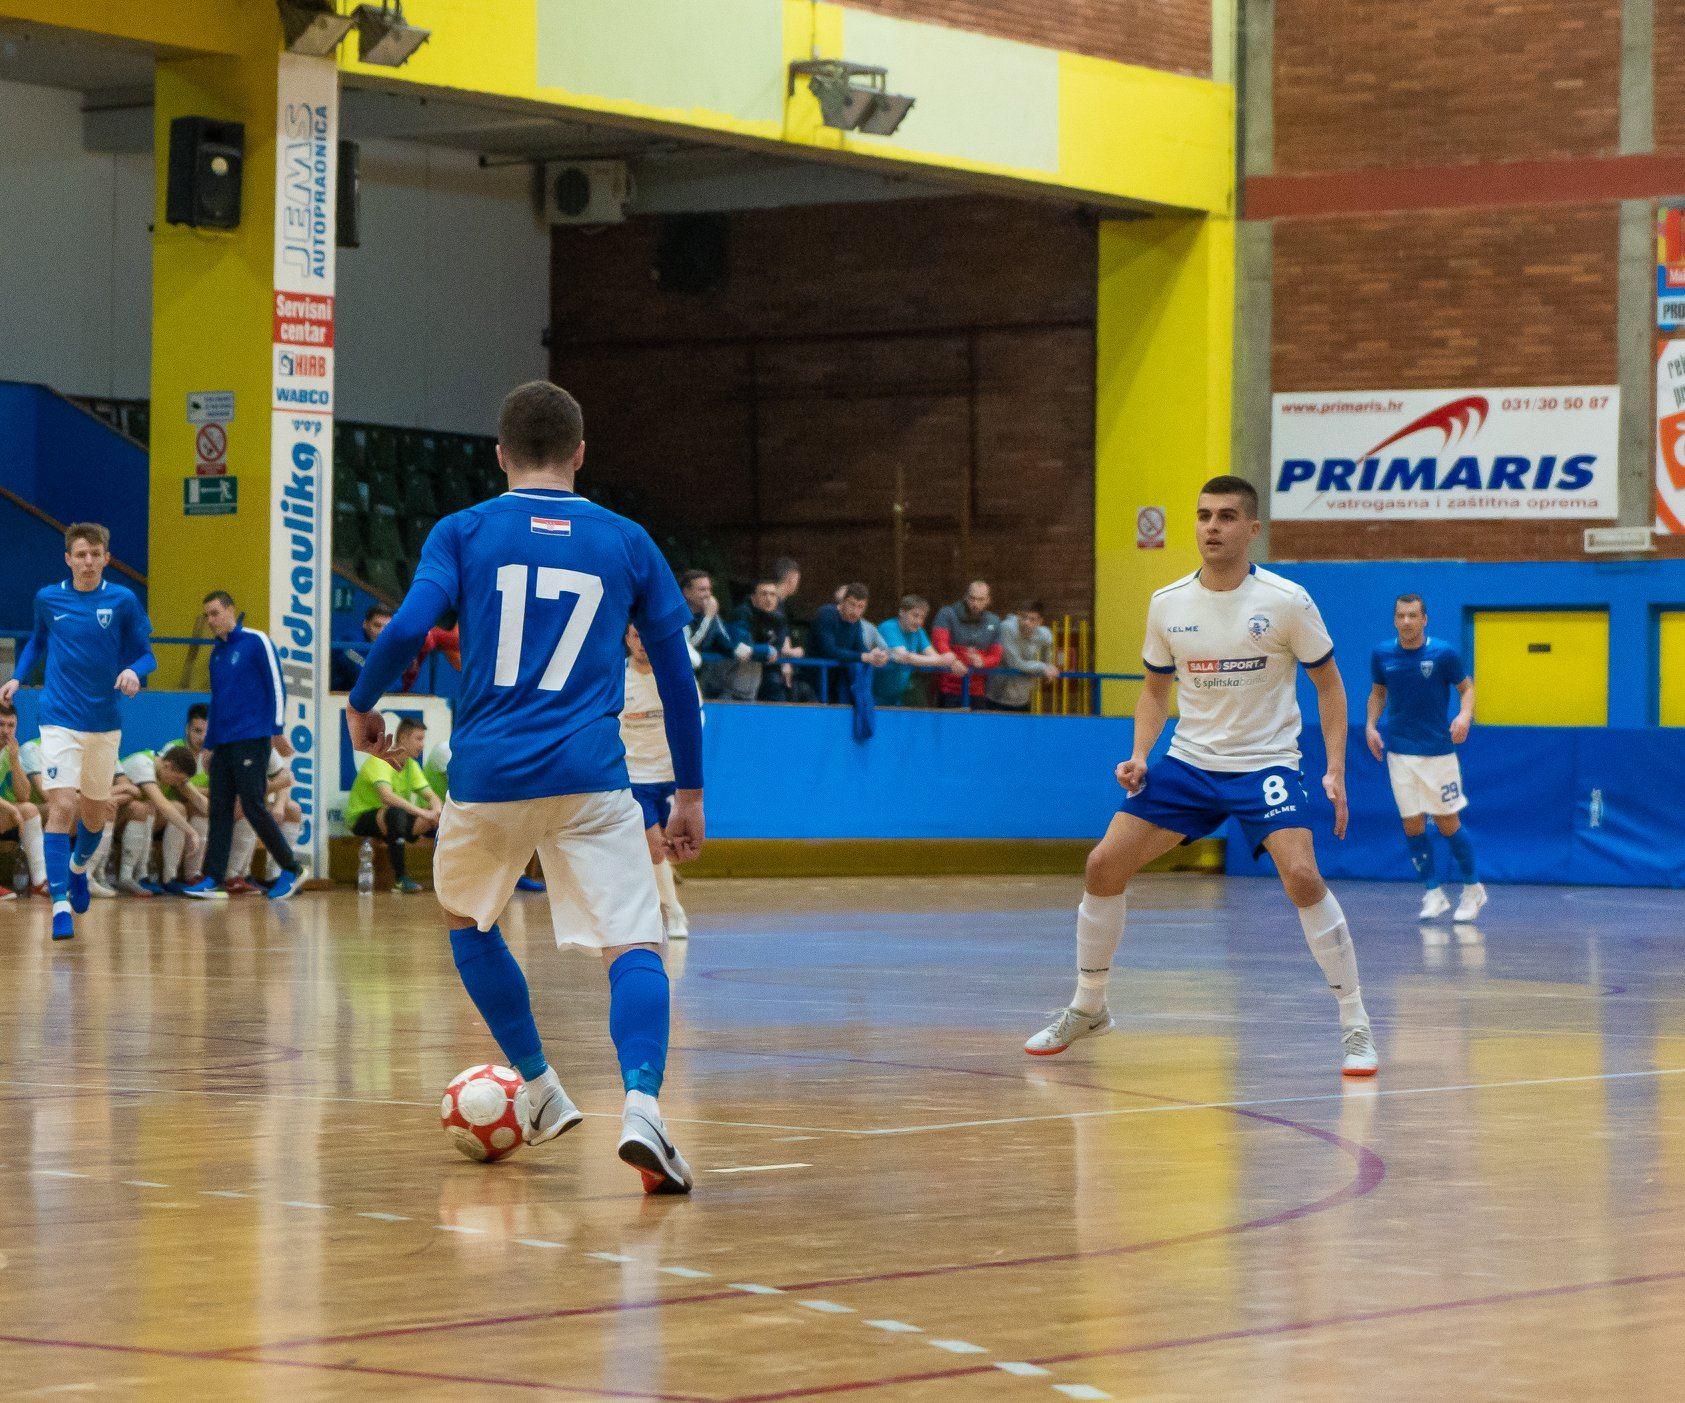 Bijelo-plavi